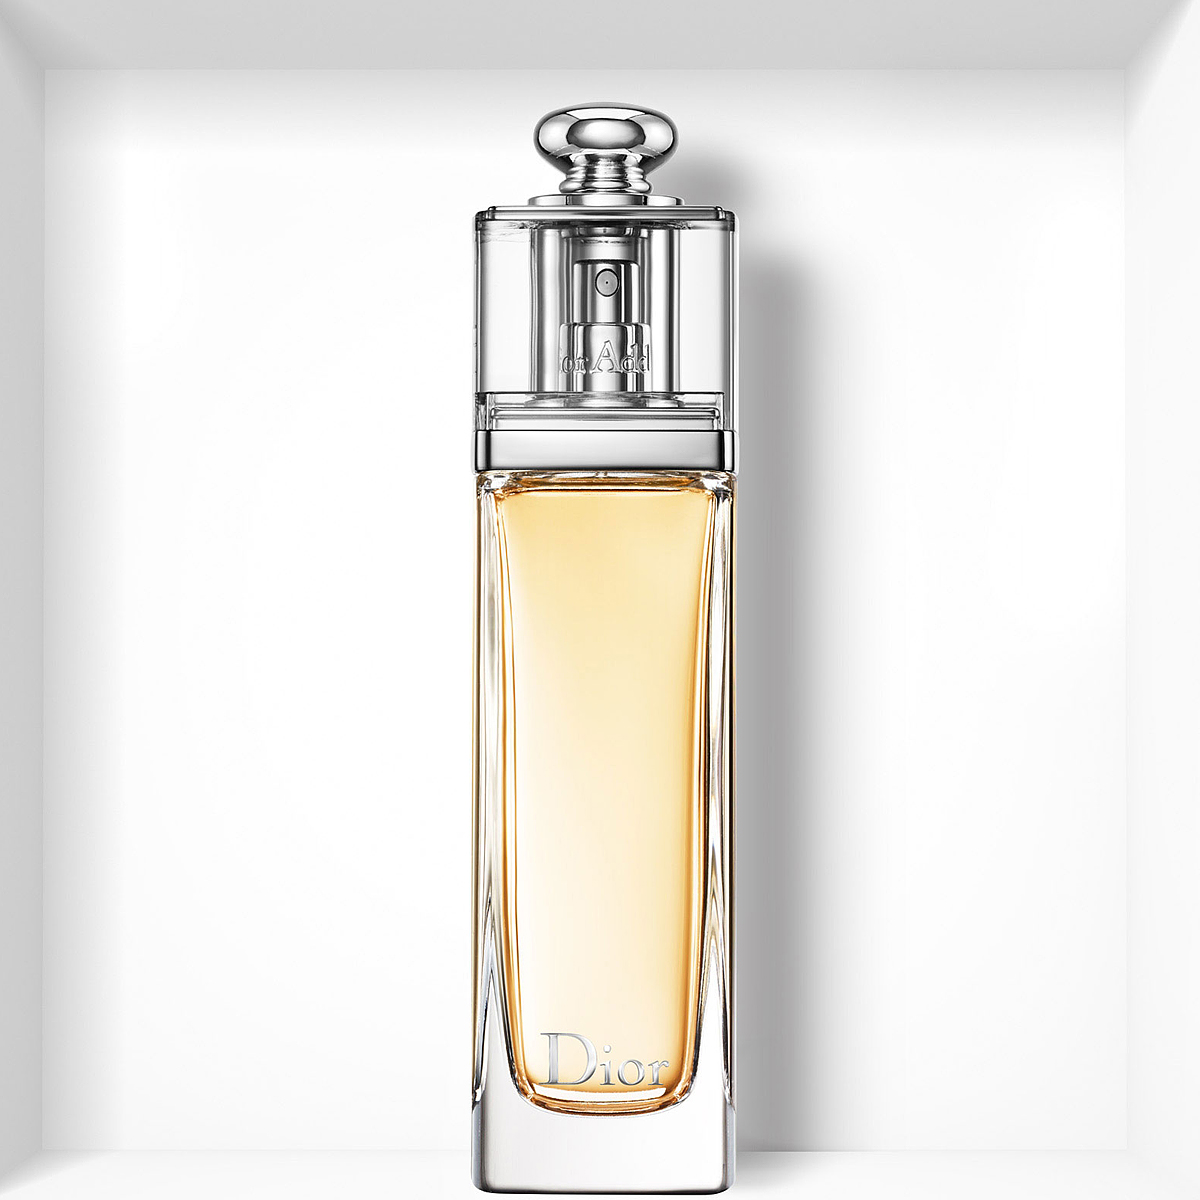 Christian Dior Dior Addict Туалетная вода женская, 50млF062872009Мгновенно притягивающий, Dior Addict воплощает собой невероятно красивый и соблазнительный аромат, который находится в полной гармонии с сегодняшним днем. Сицилийский Мандарин в его верхних нотах придает игривый, чарующий оттенок фруктовых цитрусовых аккордов, пикантных и насыщенных. На смену ему приходит букет белых цветов Жасмина Самбак и Тунисского Нероли в сочетании с чувственной и изысканной древесной базовой нотой Эссенции Сандалового дерева с легким оттенком Ванили.Утонченный древесно-цветочный аромат: абсолютно женственный, он искрится свежестью и чувственной элегантностью. Начальные ноты: мандарин.Ноты сердца: жасмин, нероли.Базовые ноты: ваниль, сандаловое дерево.Характер аромата: женственный; волнующий; изящный; манящий; свежий; чувственный.